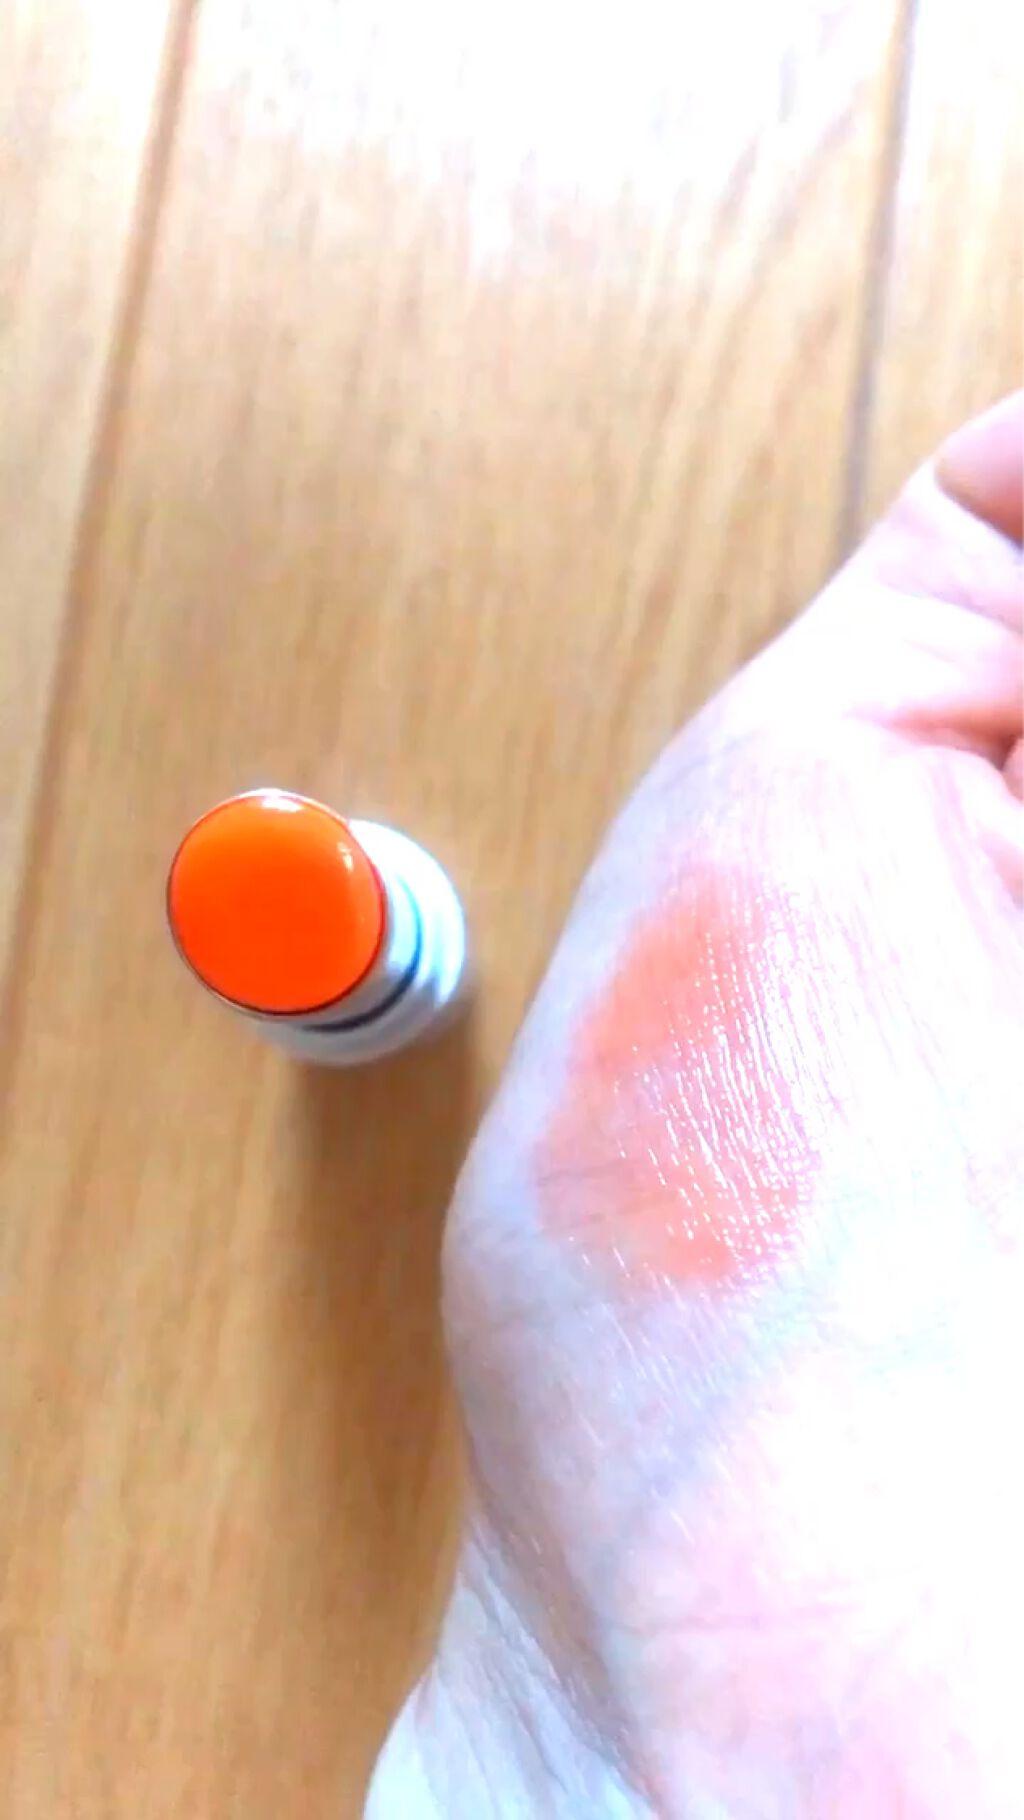 【動画付きクチコミ】003番フレッシュで爽やかなマンダリンオレンジしばらくお休みしてたけどやっぱりリピしました!#リンメル#ラスティングフィニッシュティントリップ